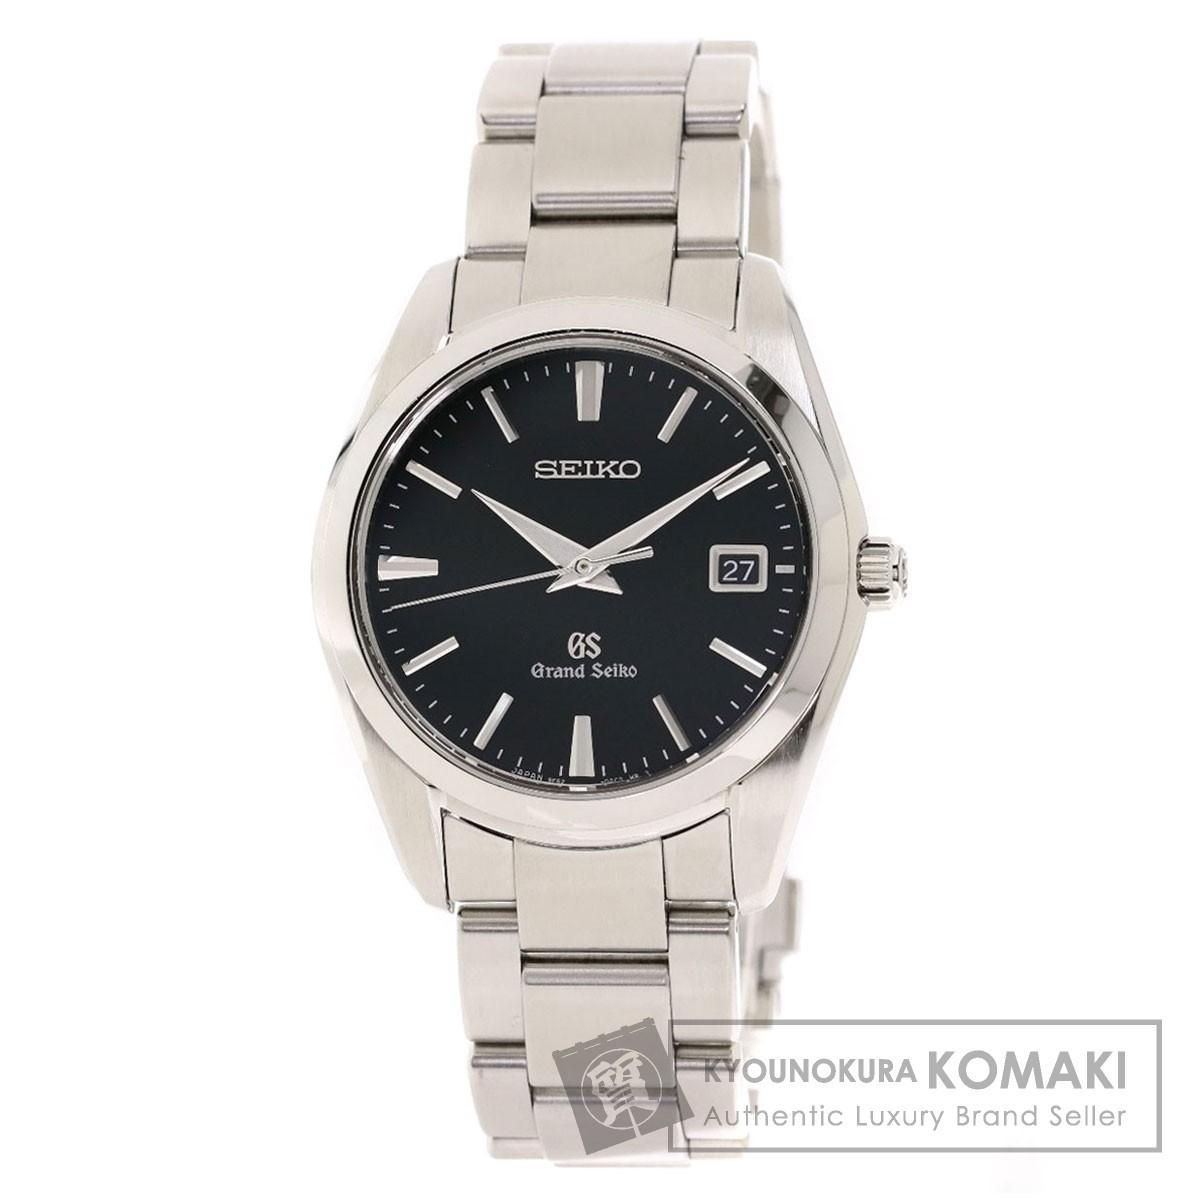 セイコー SBGX261 グランドセイコー 腕時計 ステンレススチール/SS メンズ 【中古】【SEIKO】